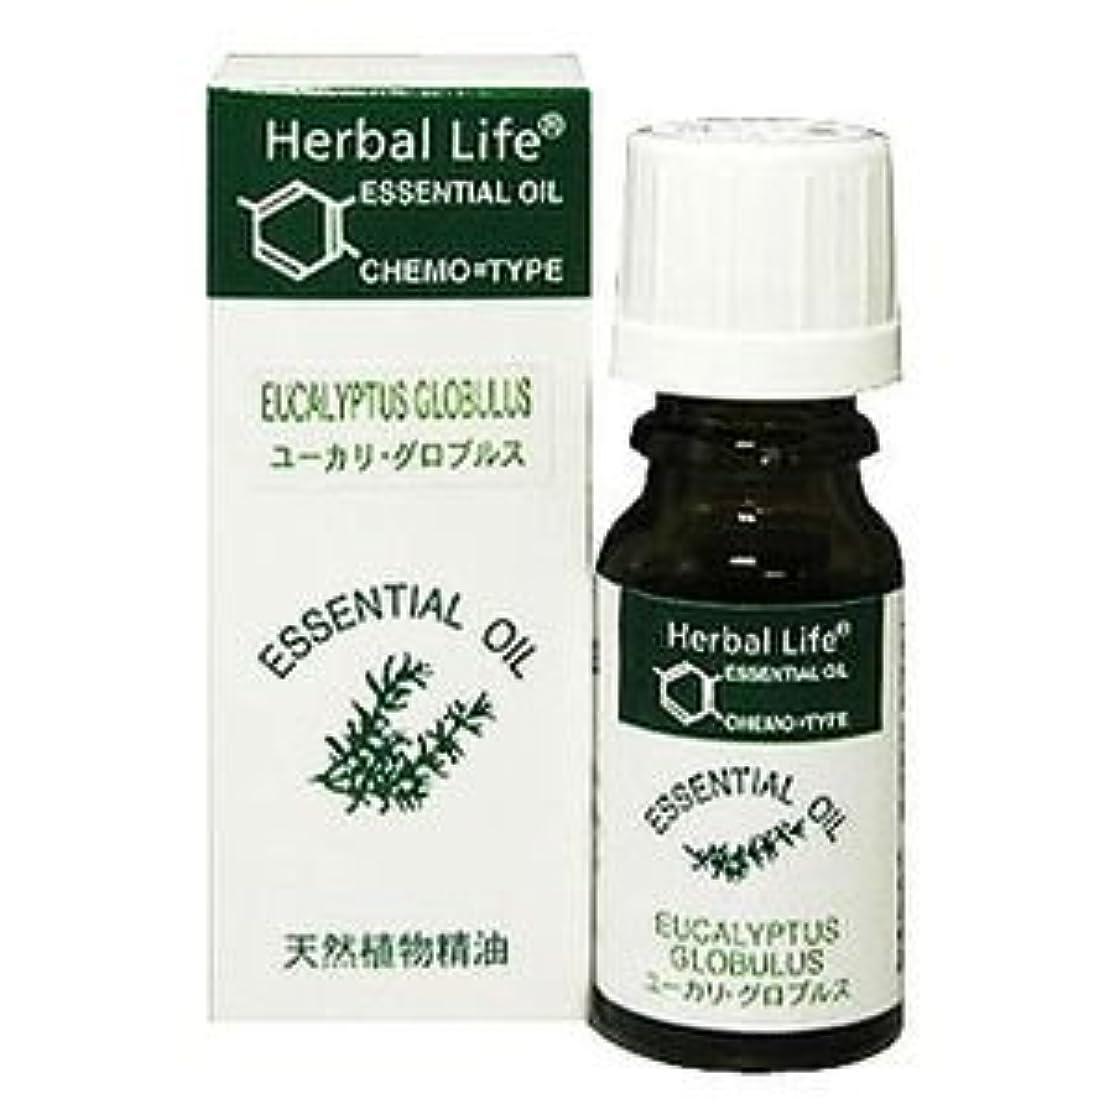 パパ証明する金属Herbal Life ユーカリ?グロブルス 10ml